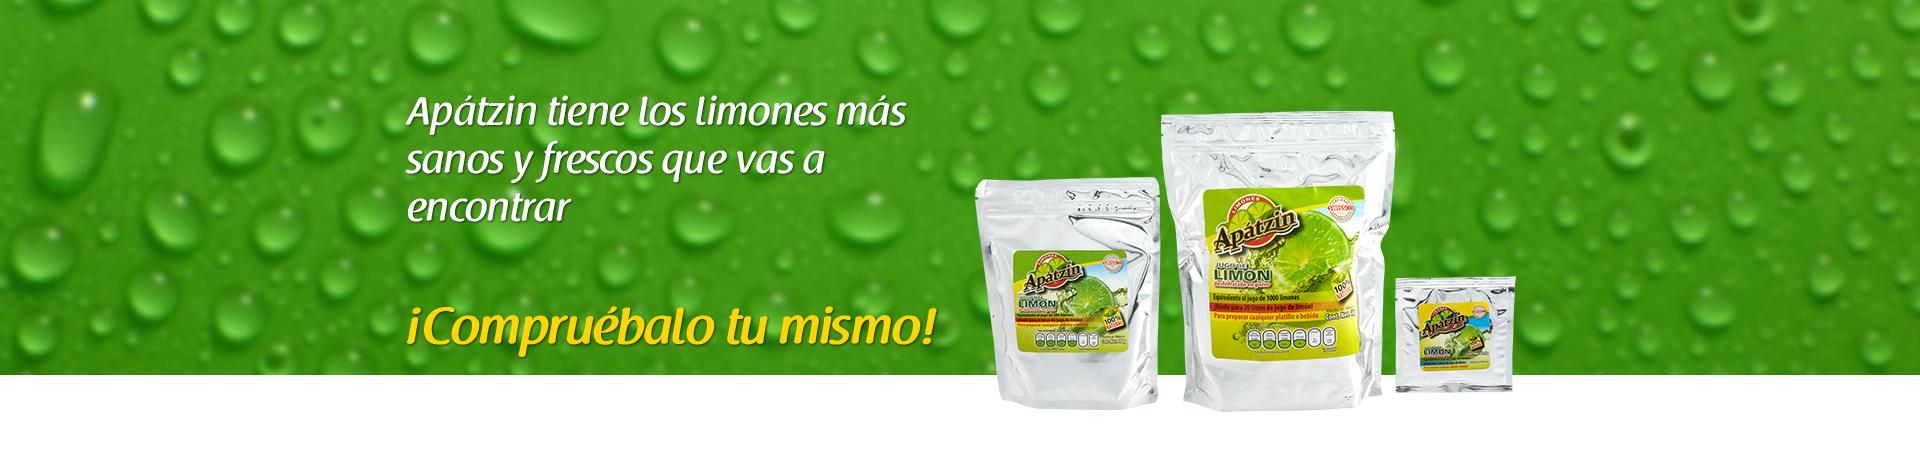 Limon deshidratado Apátzin